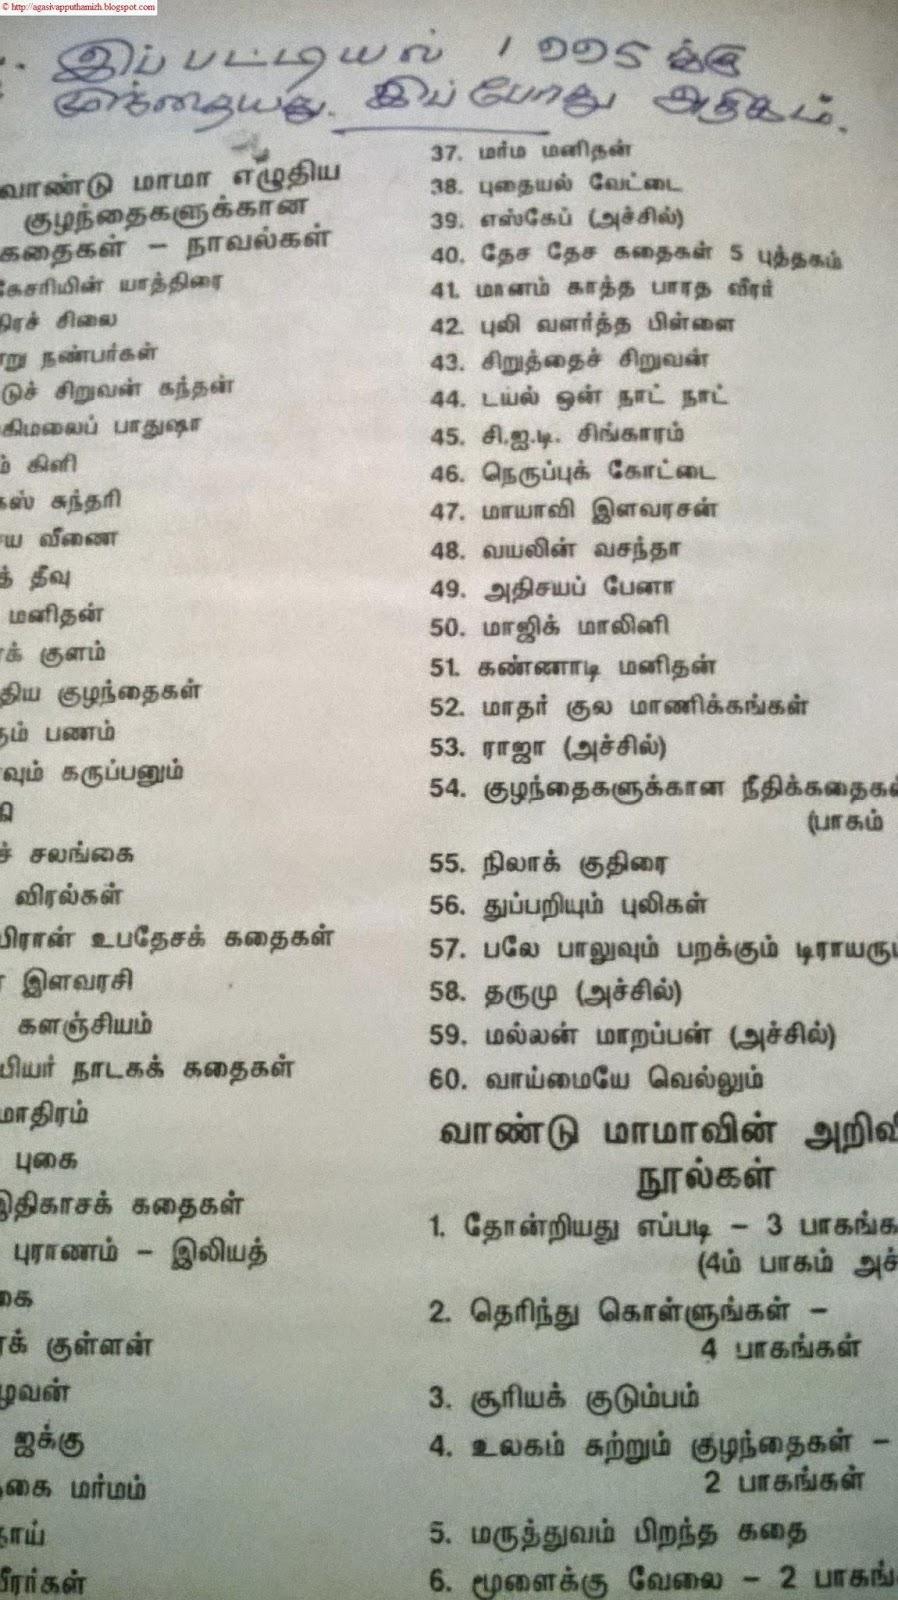 The note written by Vaandumama for me